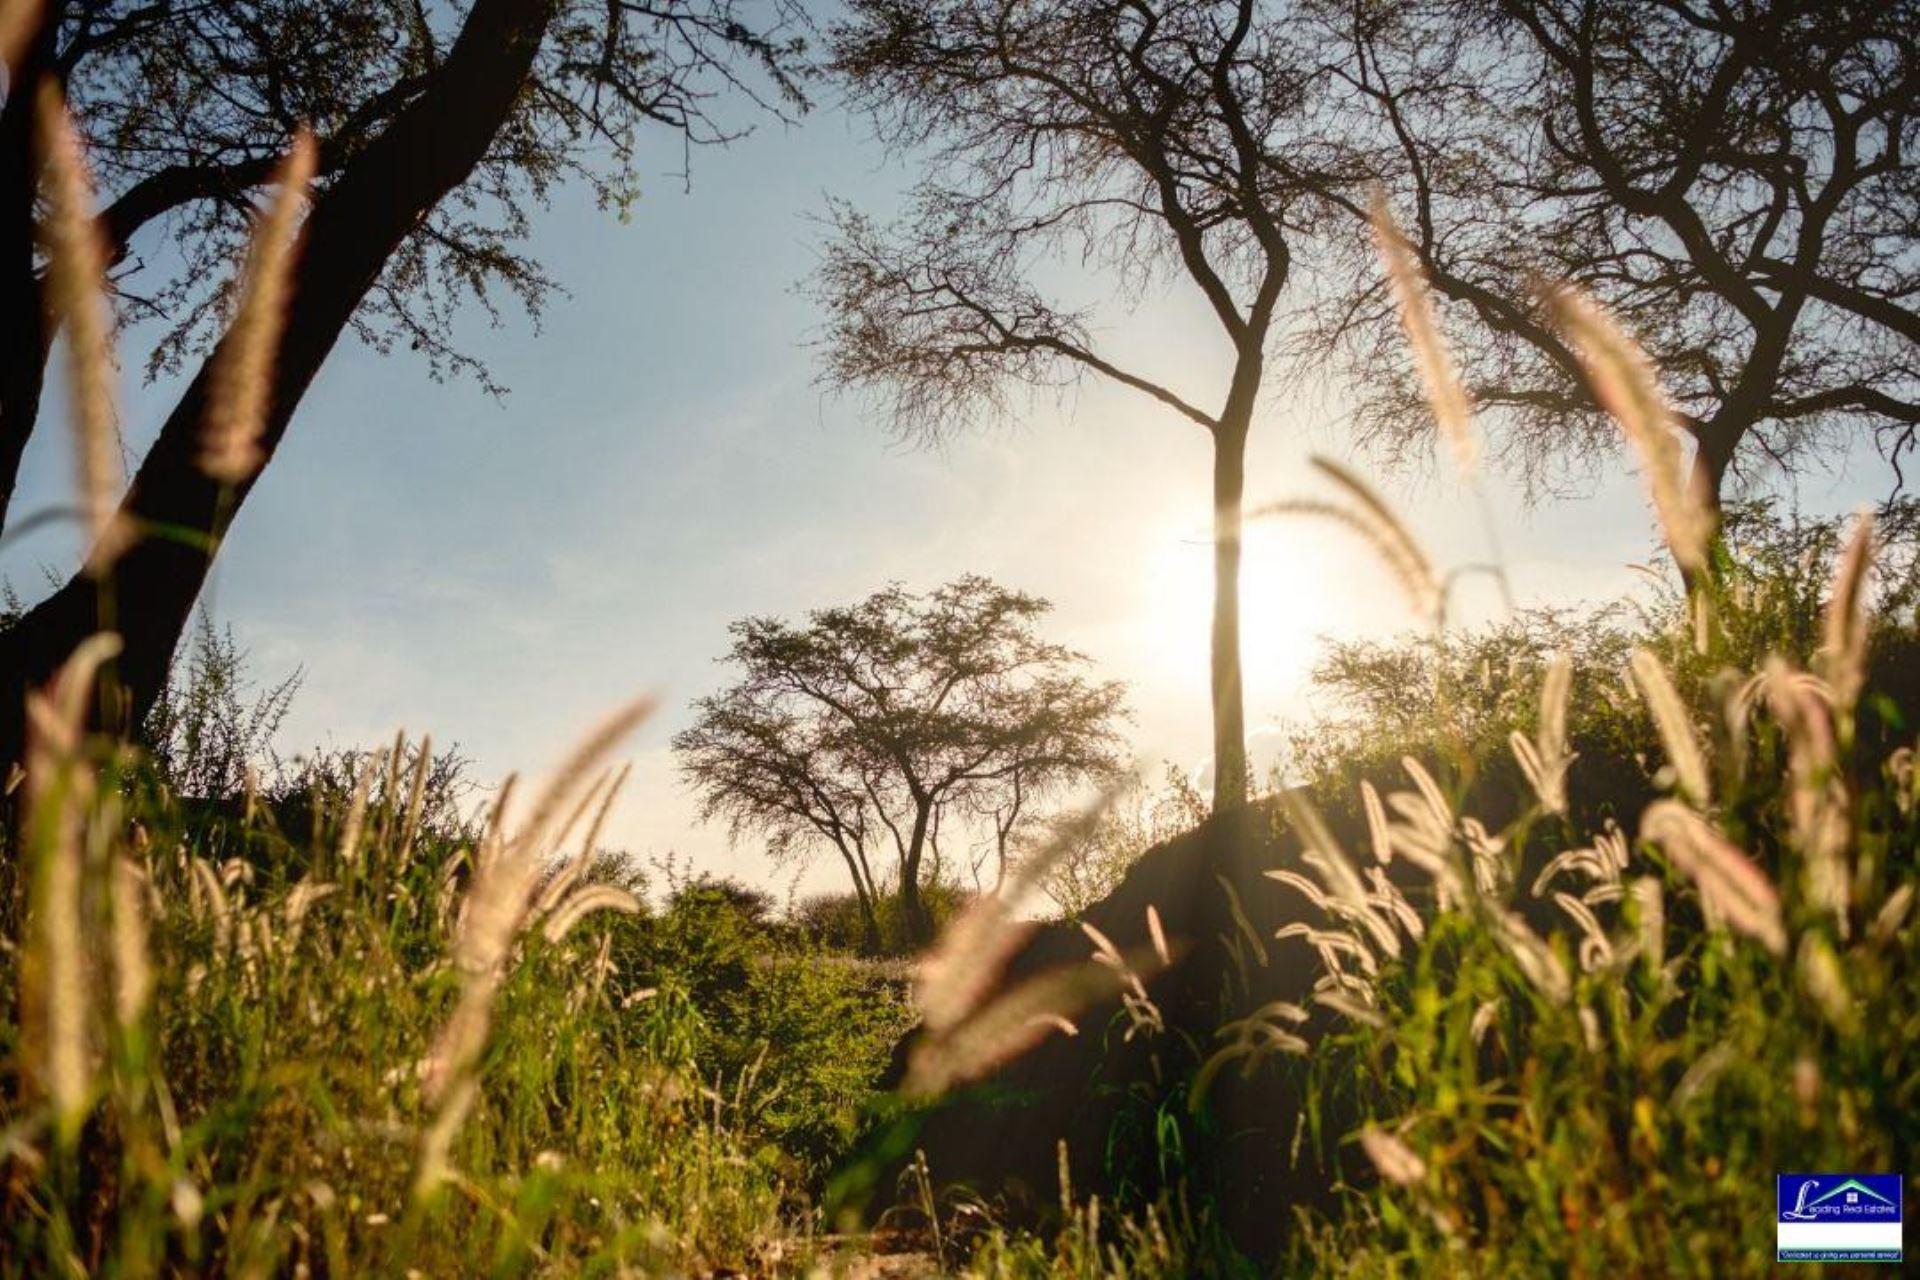 Windhoek, Dordabis Raod, Echo Estate